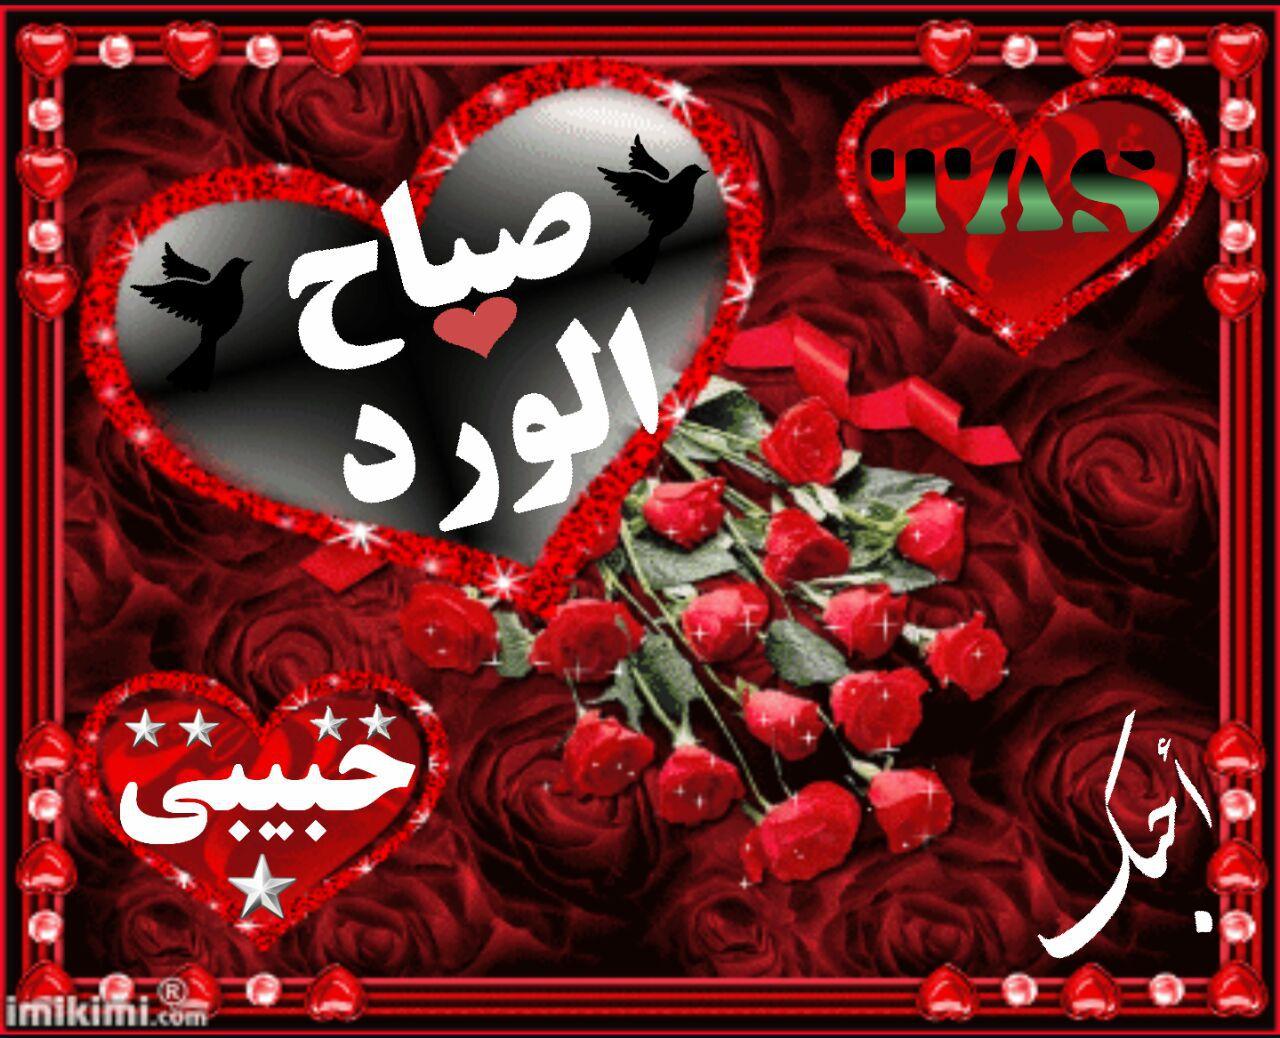 صباح الورد حبيبي احلي واجمل صباح لعيون حبيبي كلام نسوان